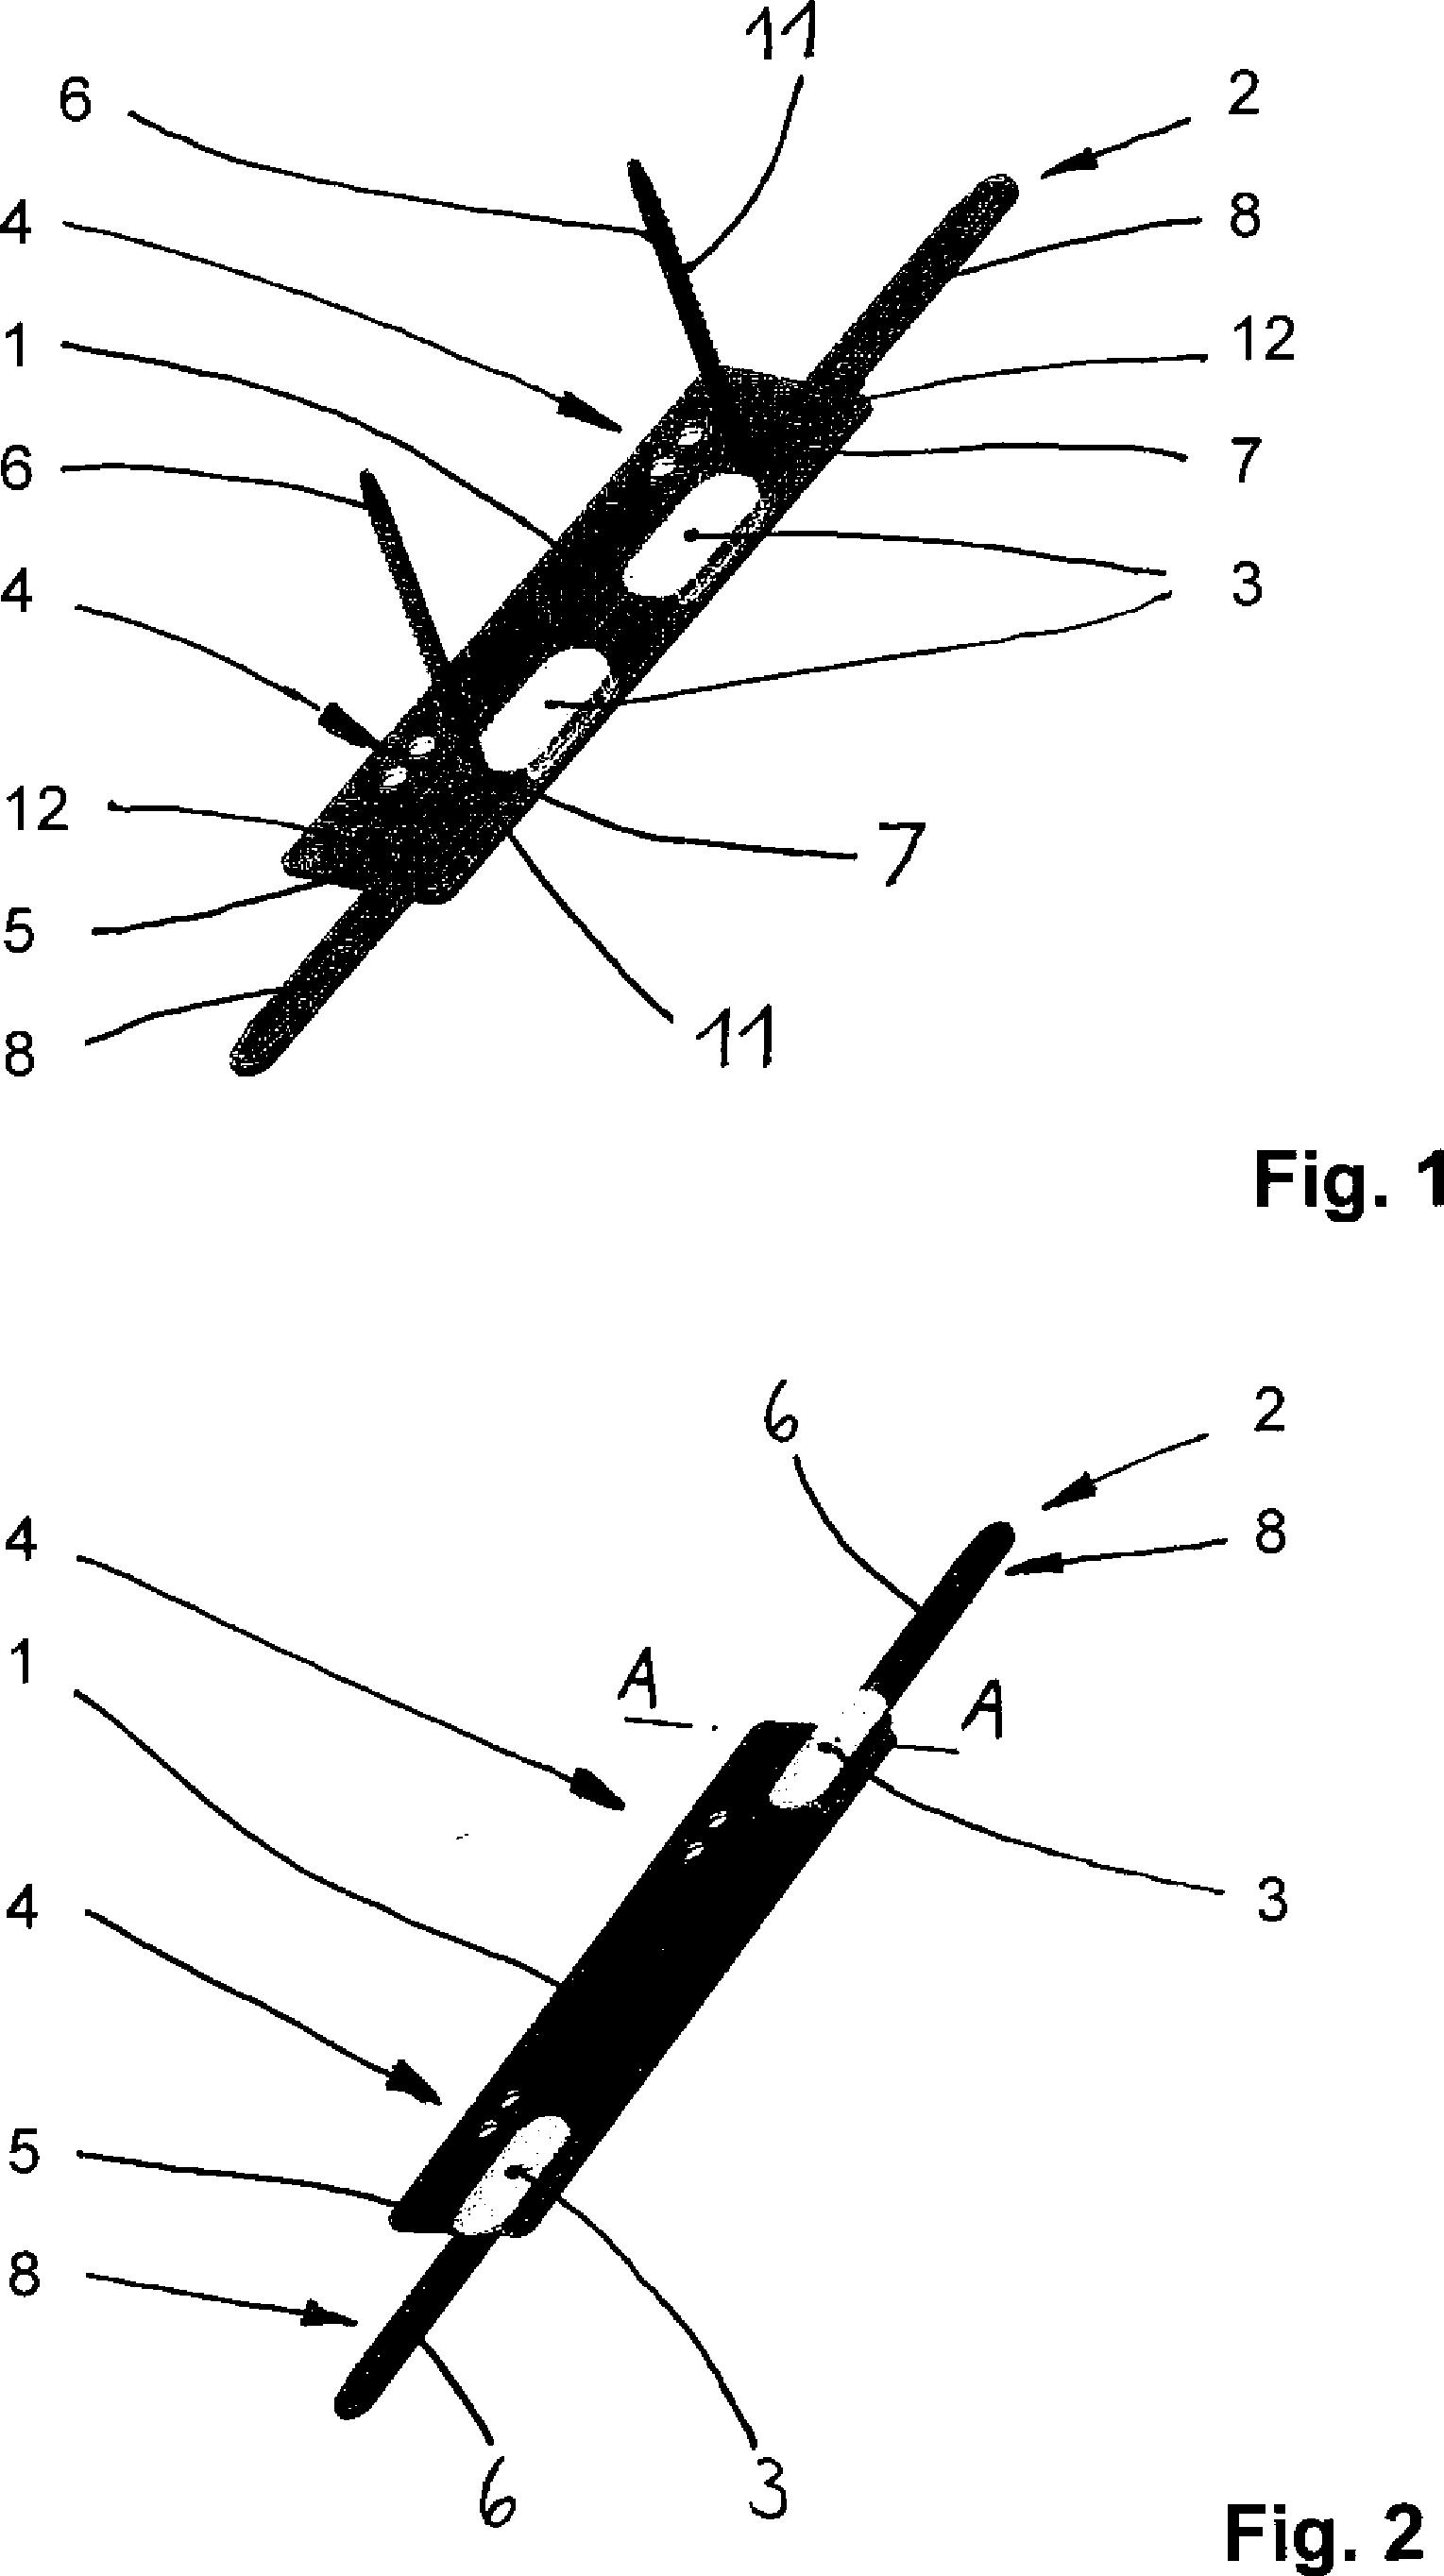 Heftstreifen für viele blätter  Patente DE202012103712U1 - Heftstreifen - Google Patentes